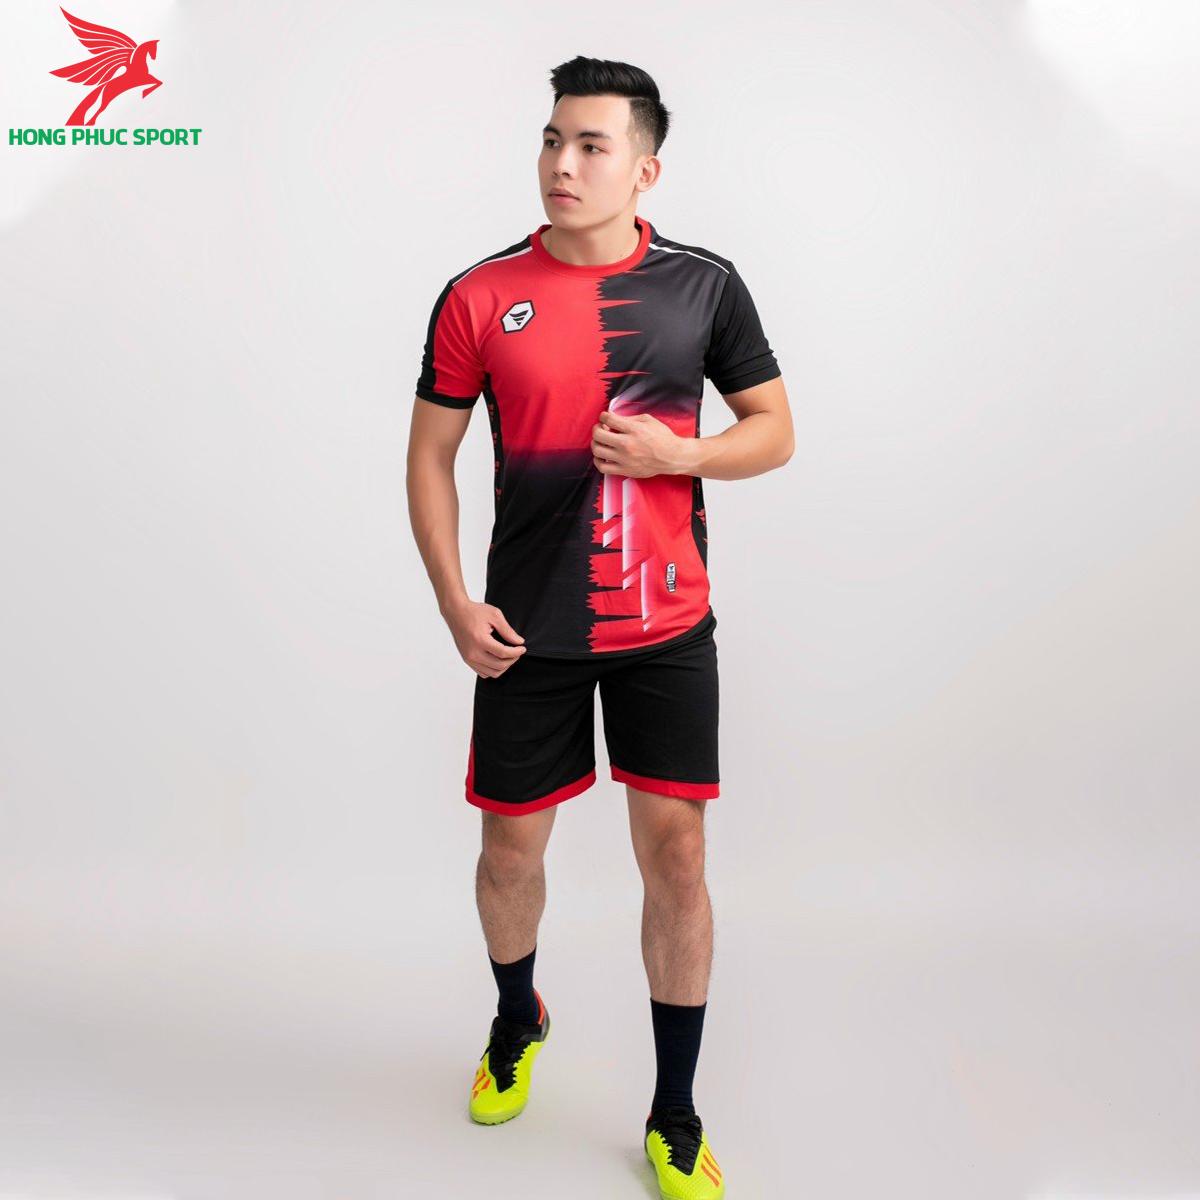 Áo bóng đá không logo TA-A09 màu Đen phối Đỏ